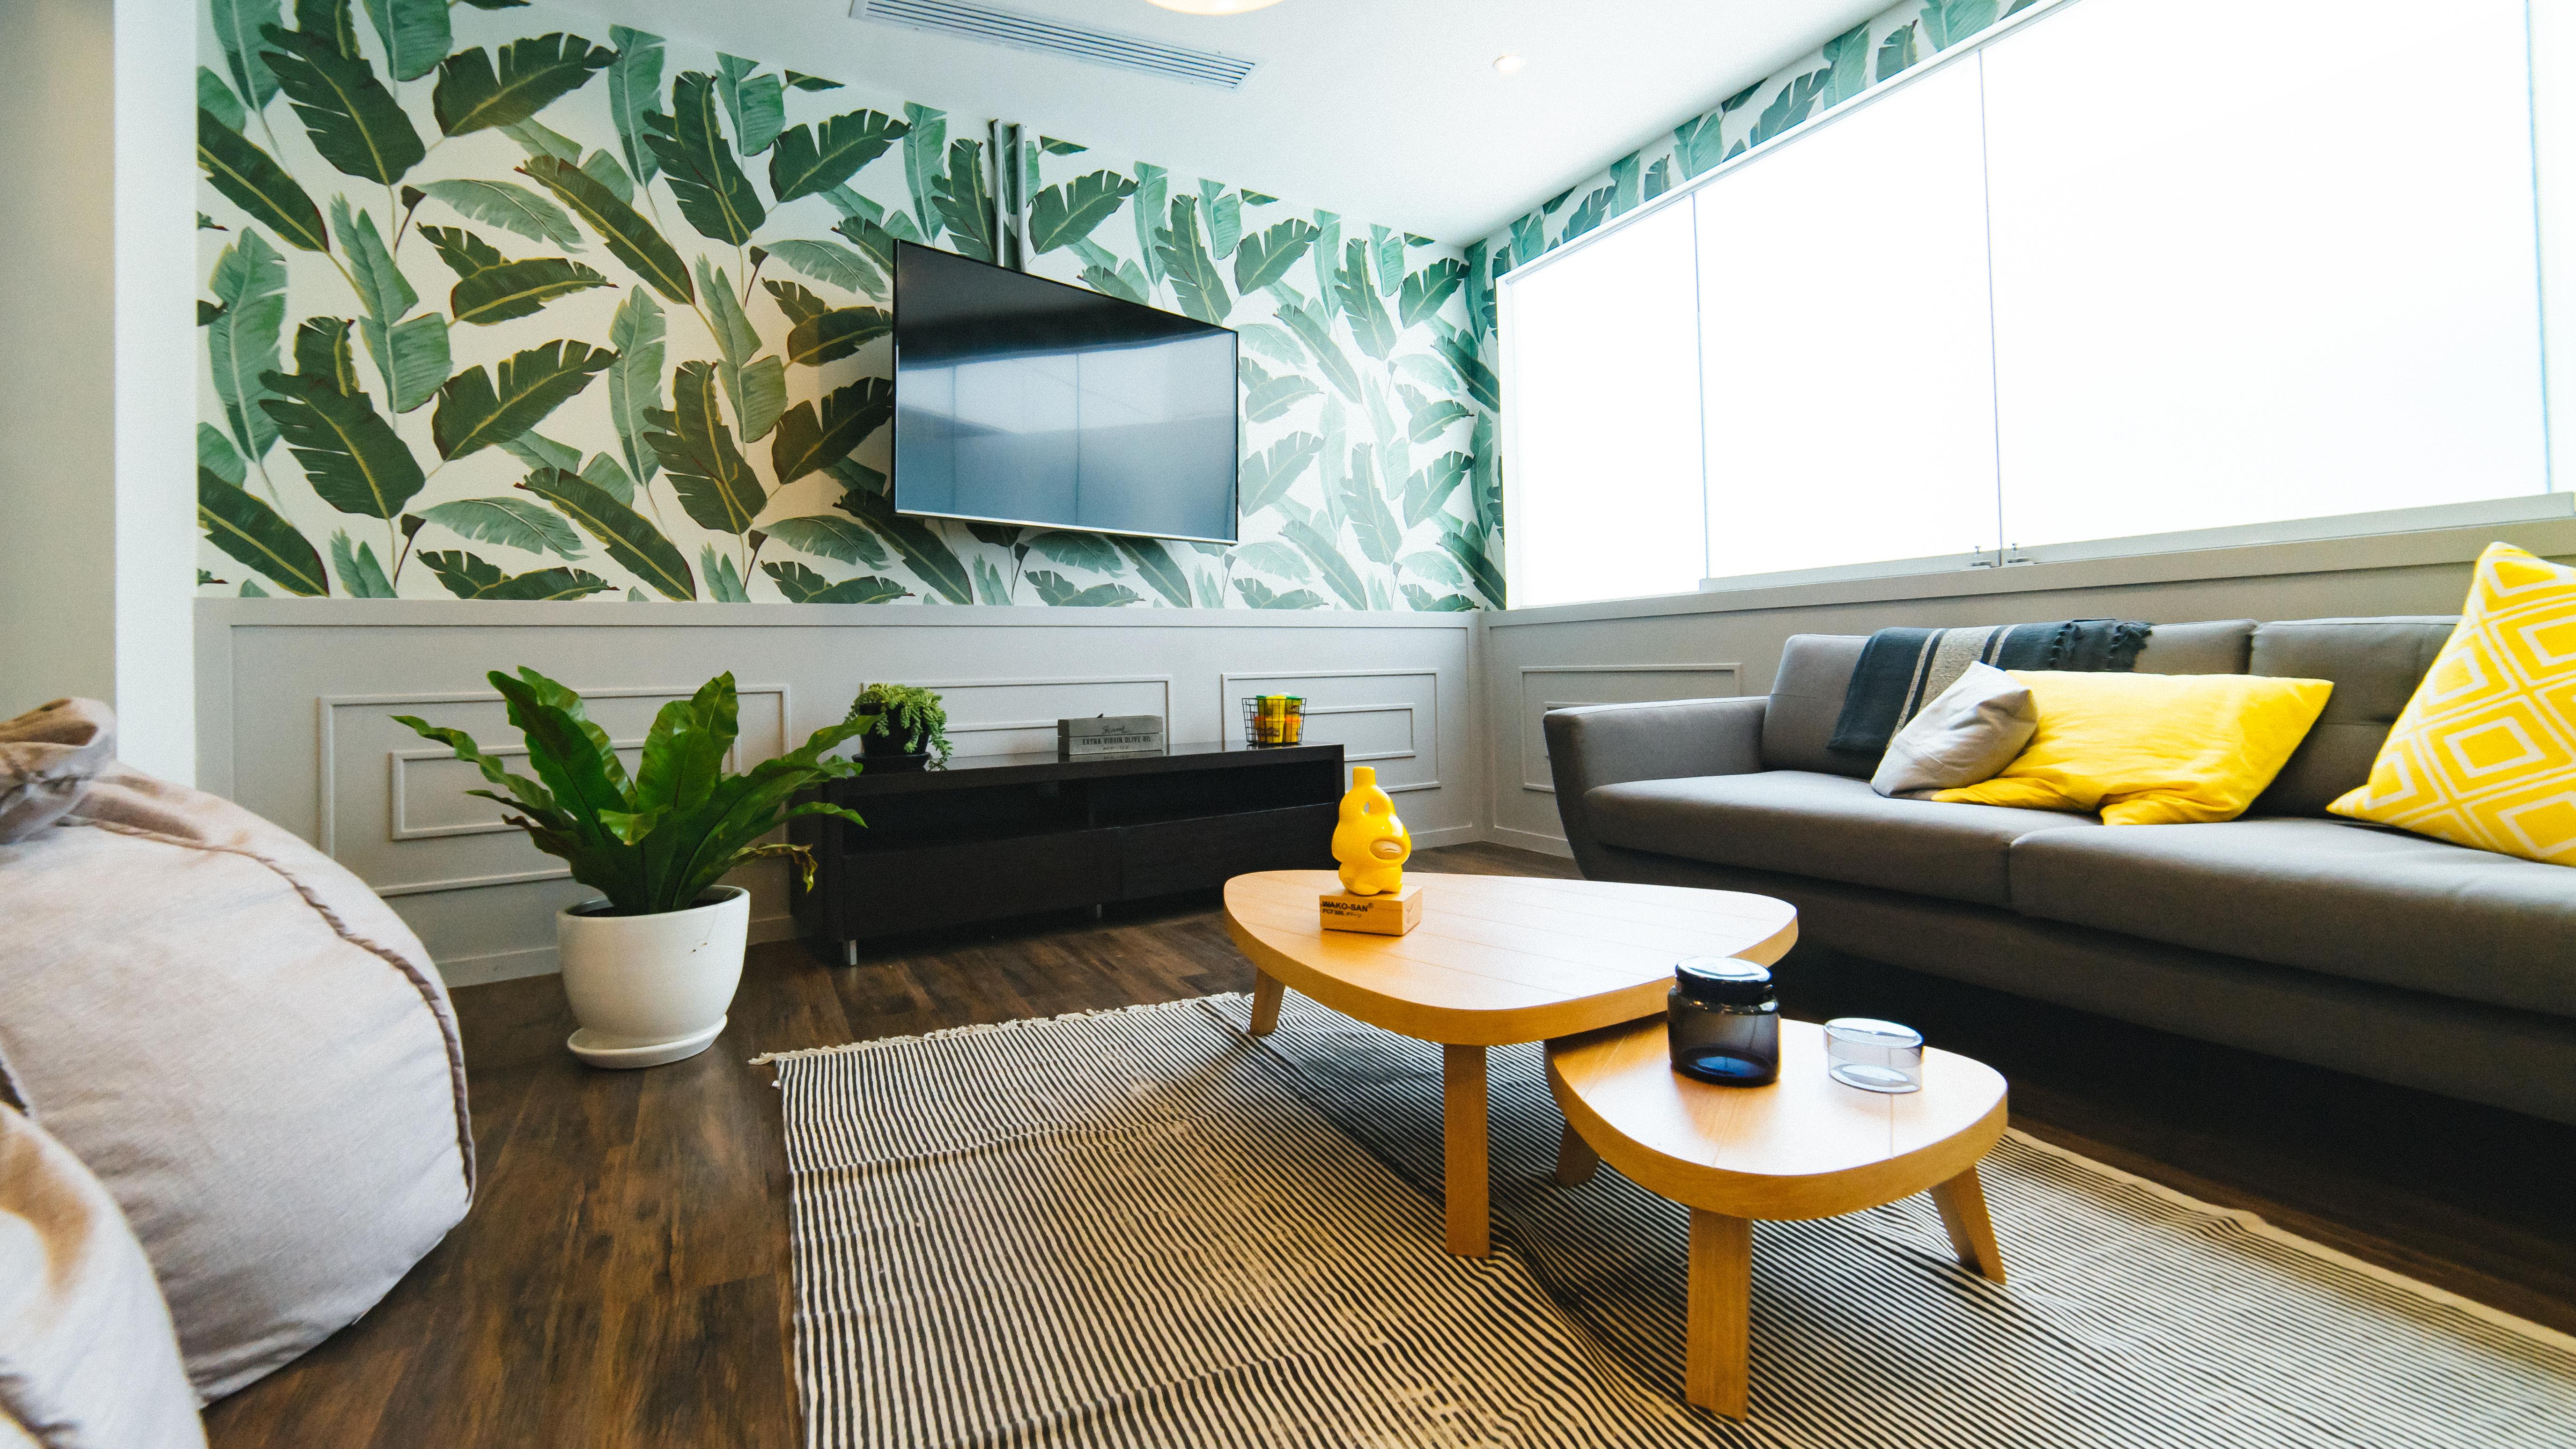 Images gratuites sol sièges intérieur maison plafond bureau